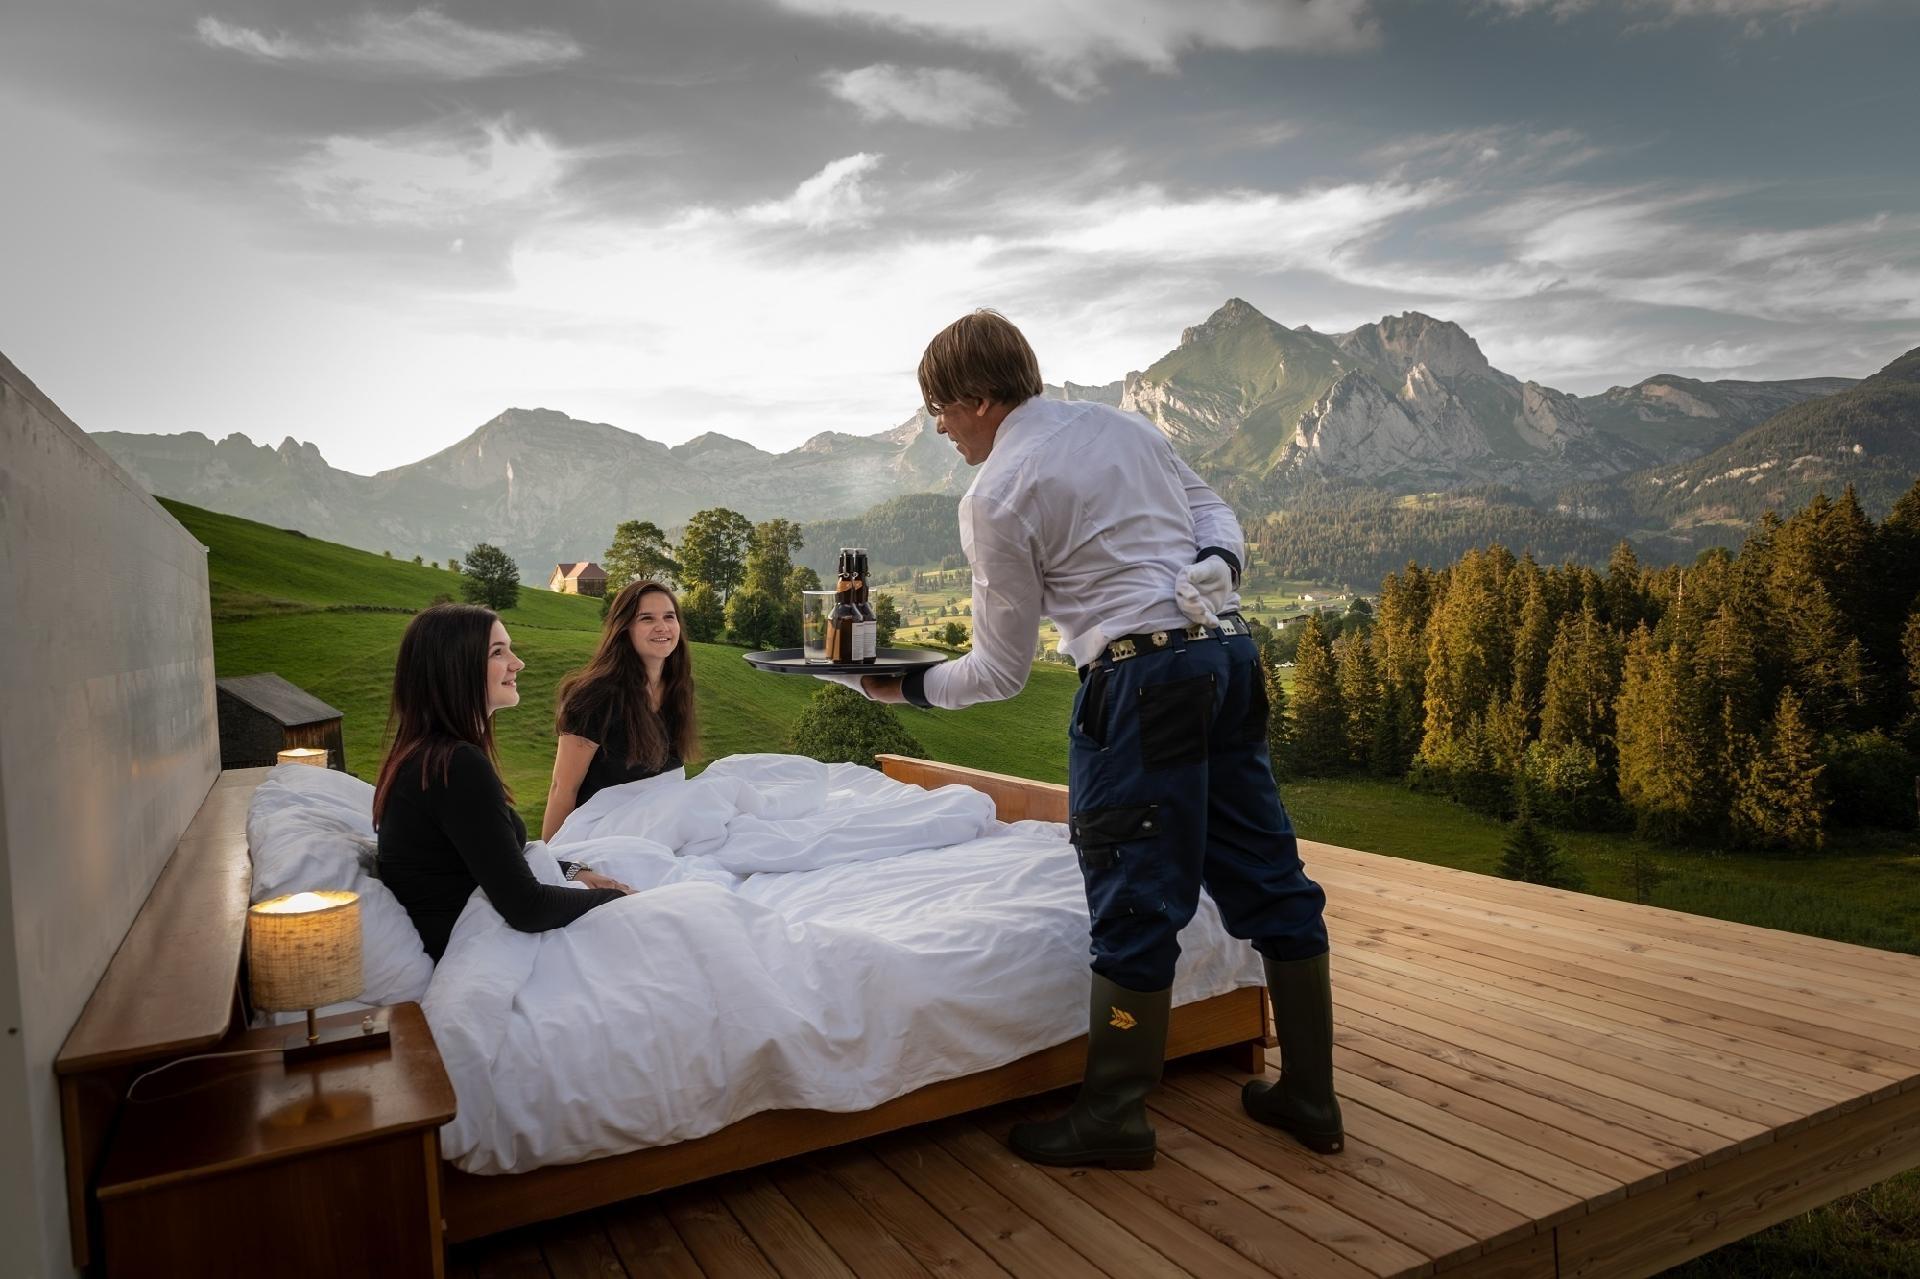 4d666245177 Suíça tem hotel com quartos sem teto ou paredes e com vista para os Alpes -  09 08 2018 - UOL Viagem